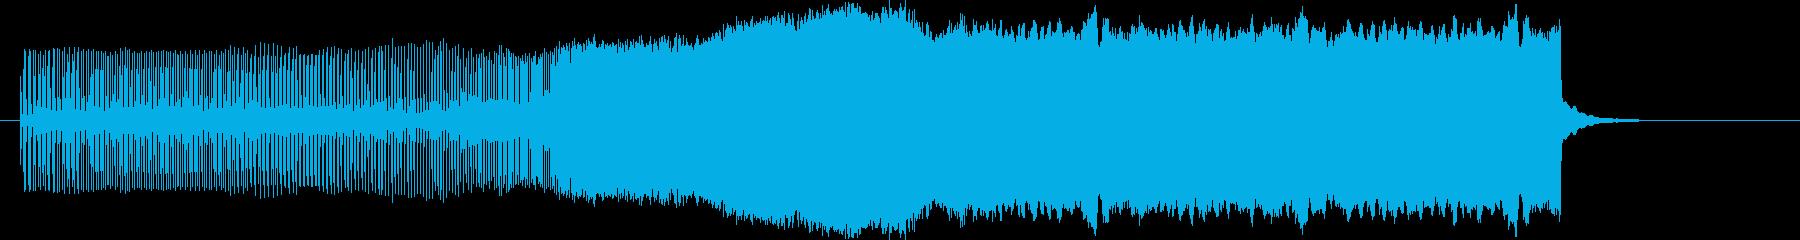 ピィーーーーーーーン(上昇)の再生済みの波形